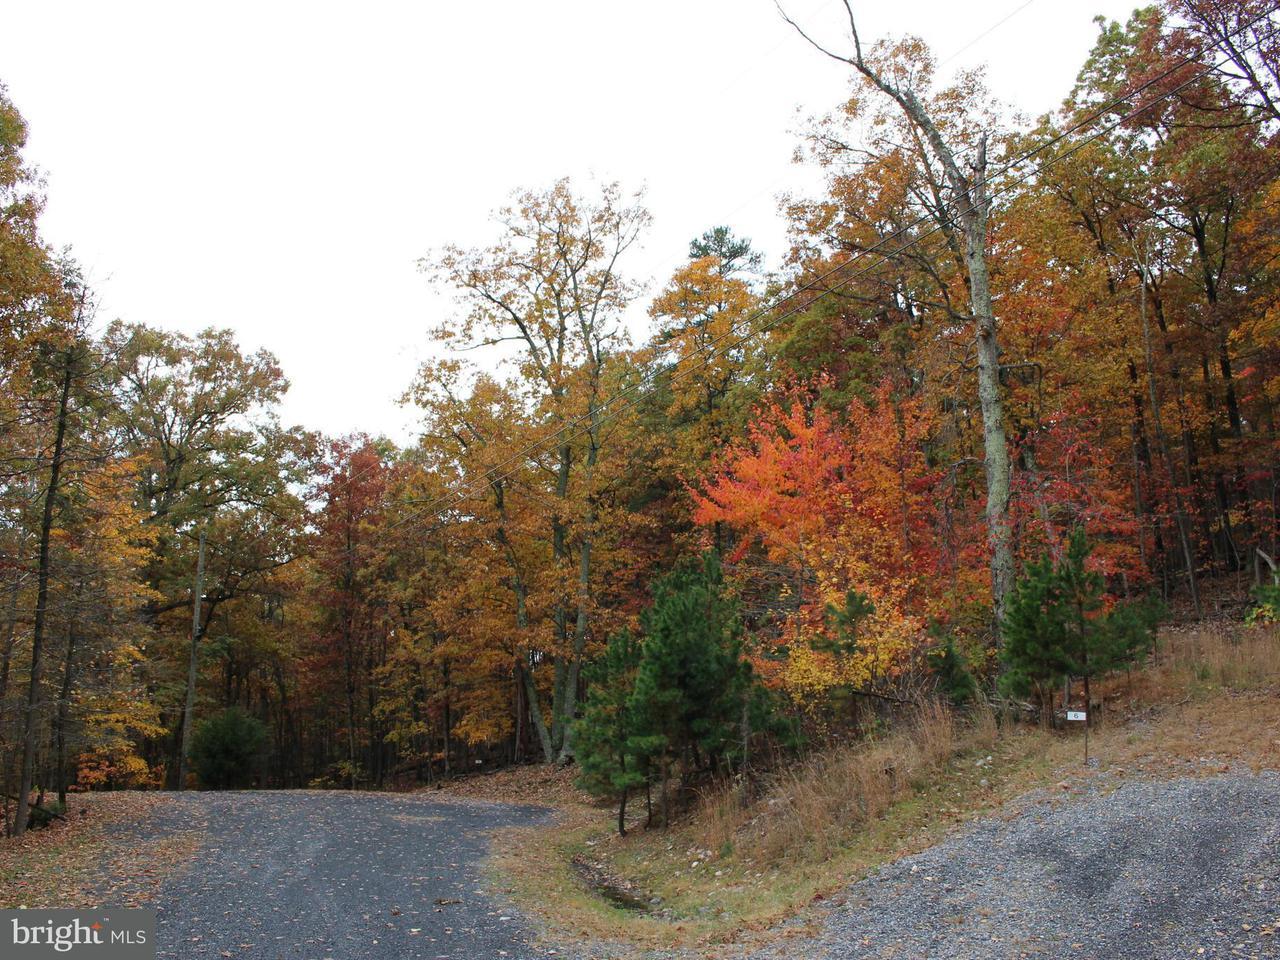 Land für Verkauf beim Sweetwater Lane Sweetwater Lane Linden, Virginia 22642 Vereinigte Staaten